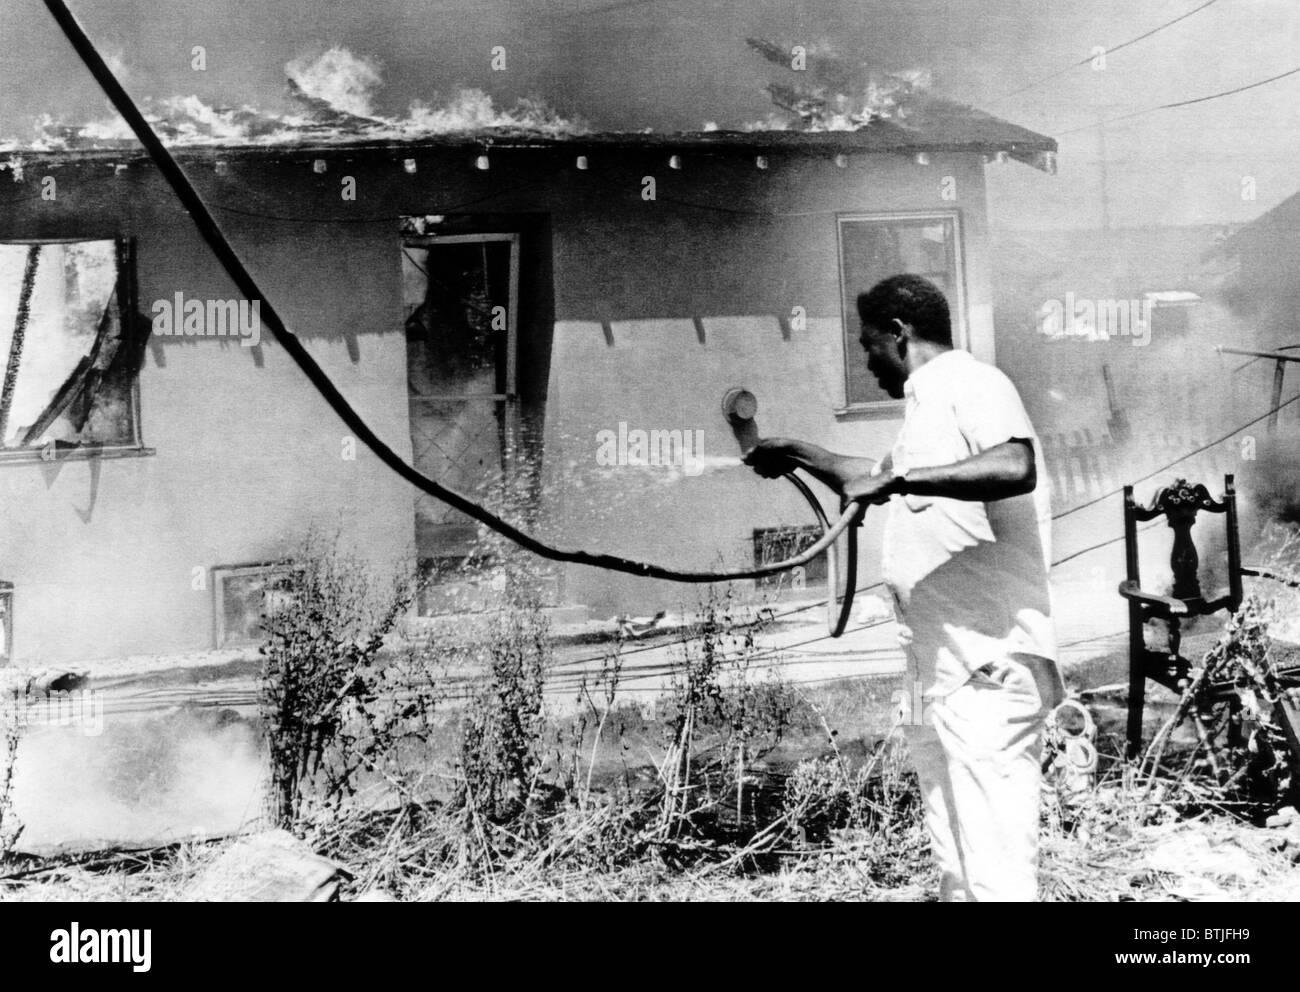 Movie studio burned in california